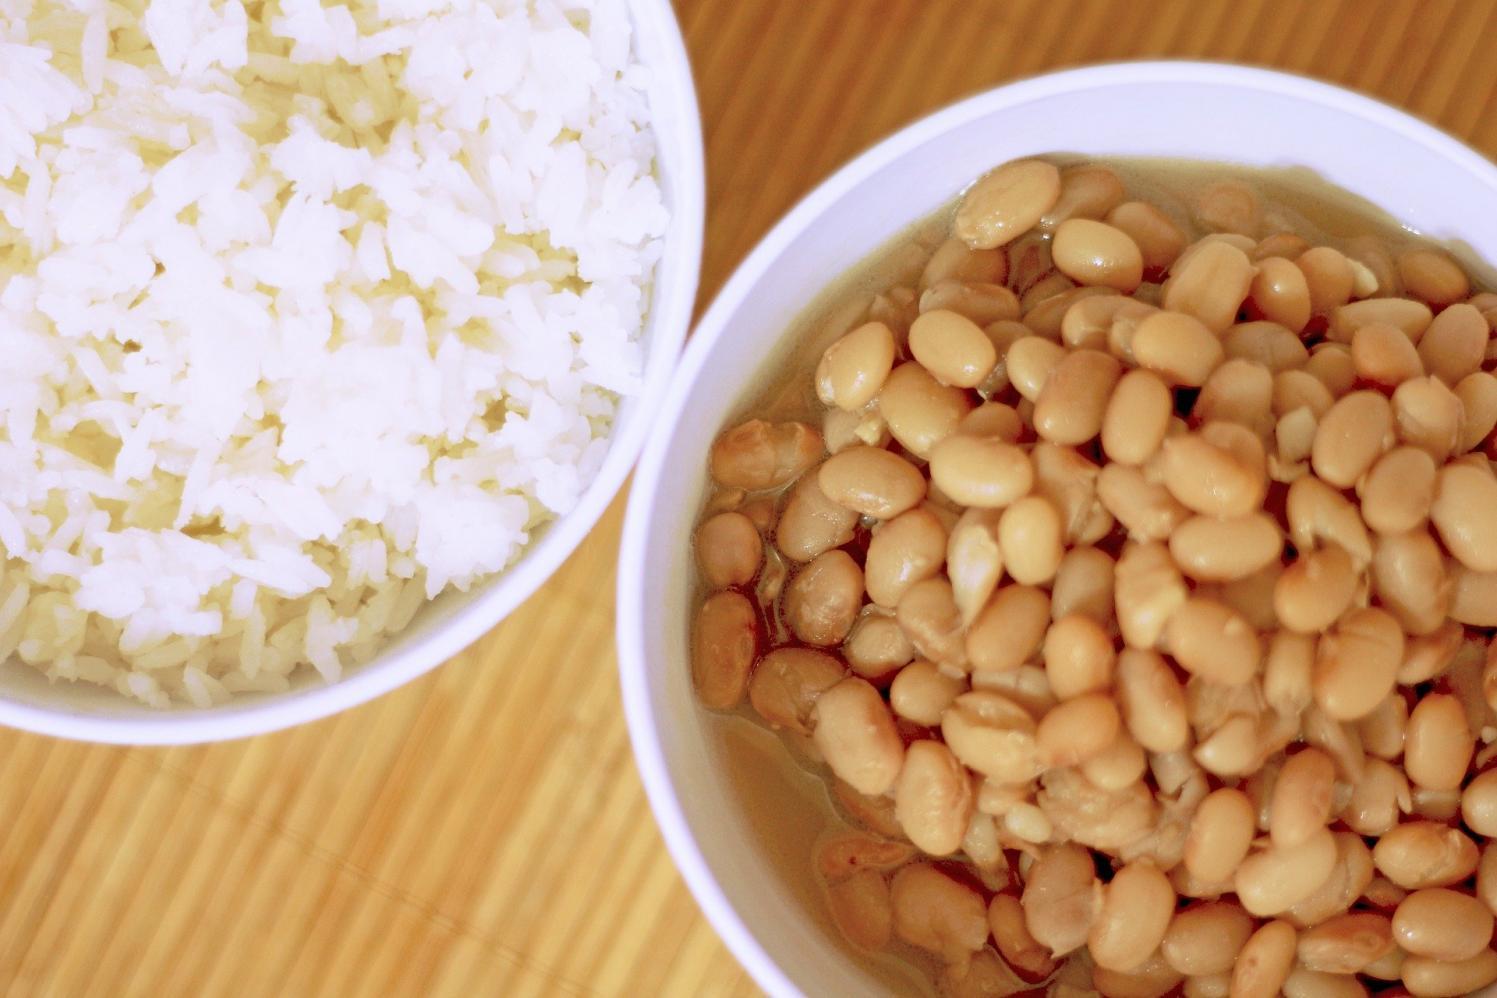 SP vai apertar o cerco contra preços abusivos de alimentos da cesta básica